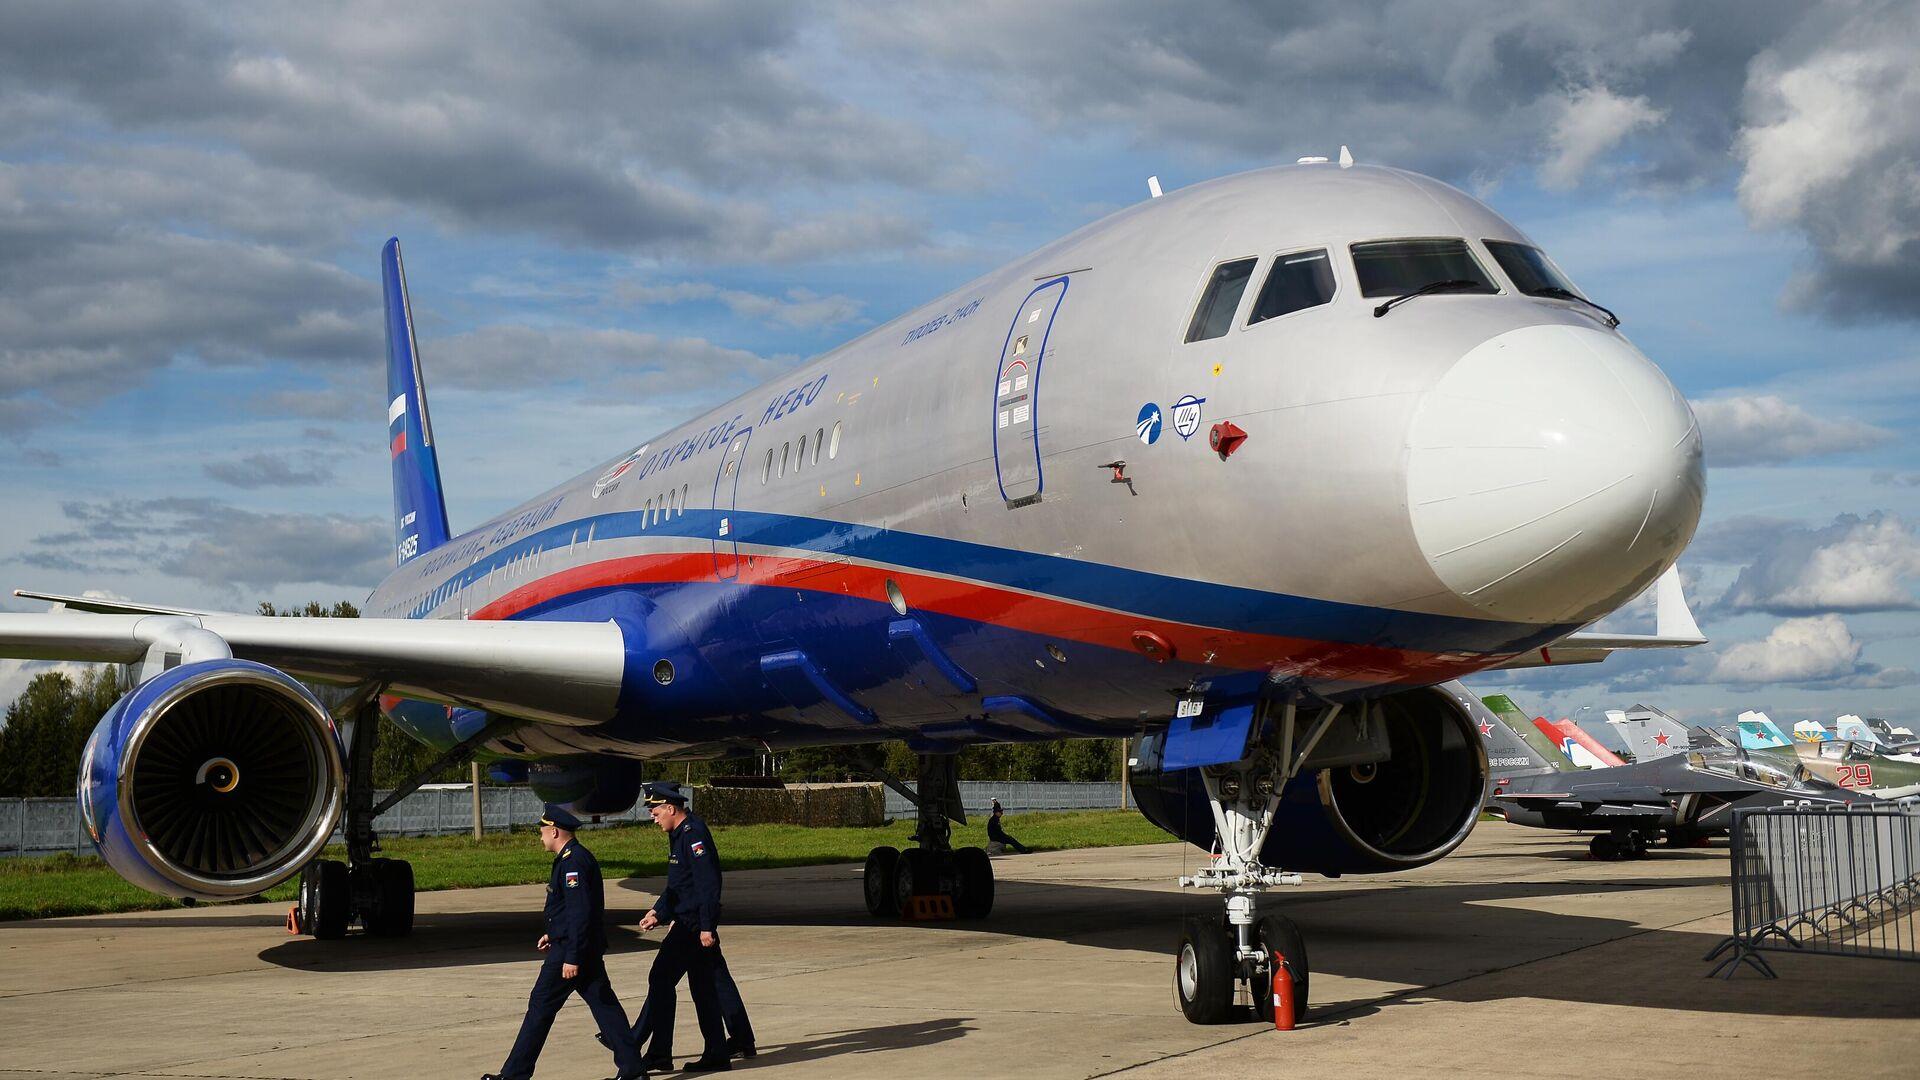 Самолёт авиационного наблюдения Ту-214ОН (Открытое небо) - РИА Новости, 1920, 17.01.2021